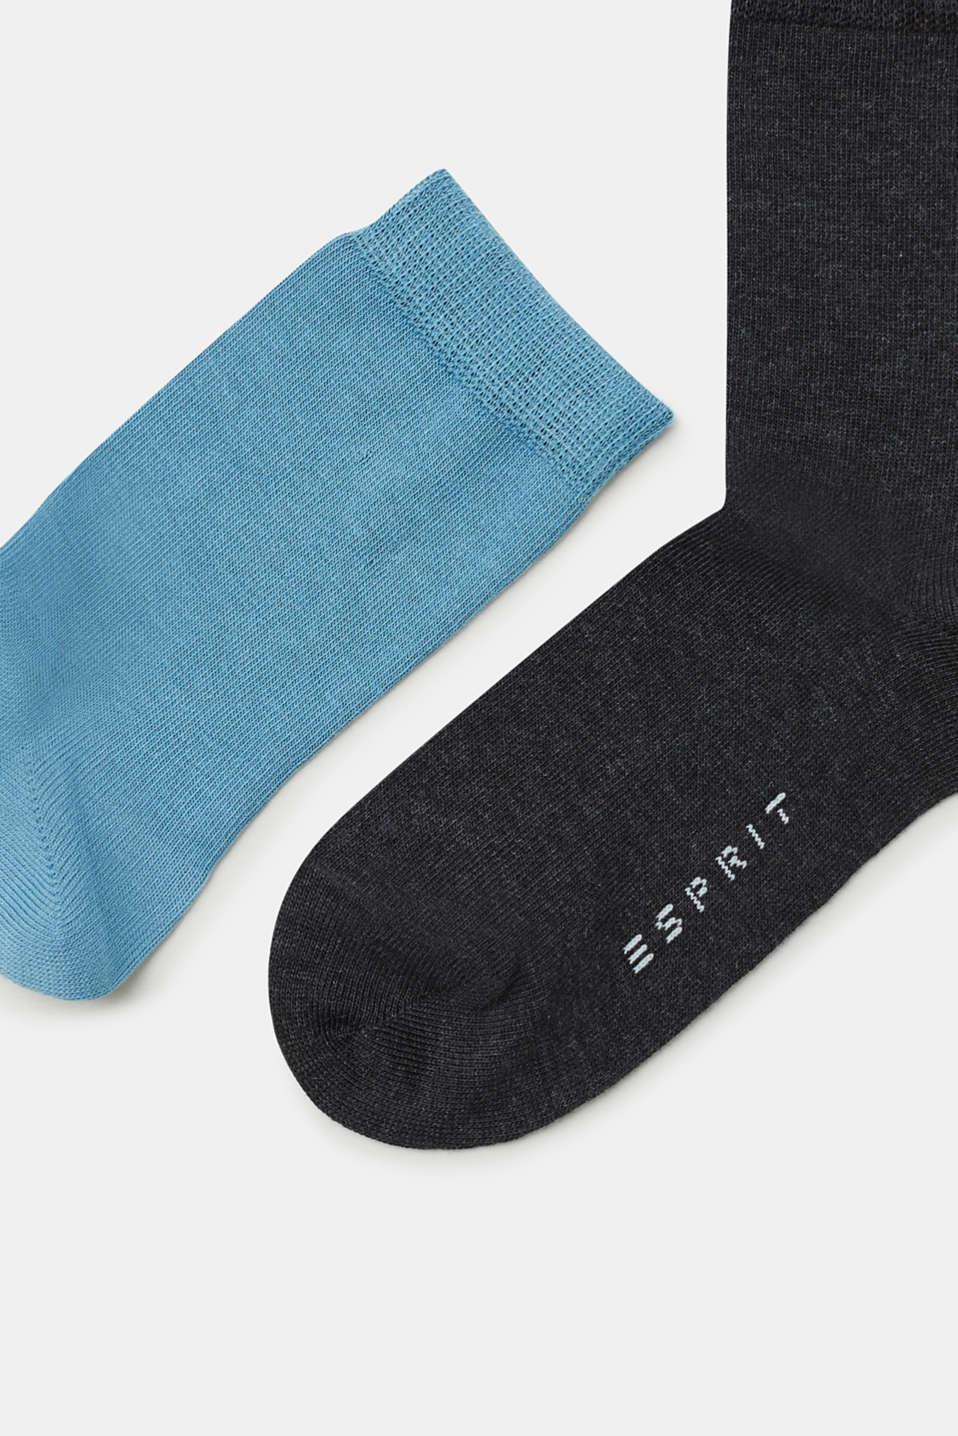 Five pack of plain-coloured socks, BLACK/BLUE/GREY, detail image number 0